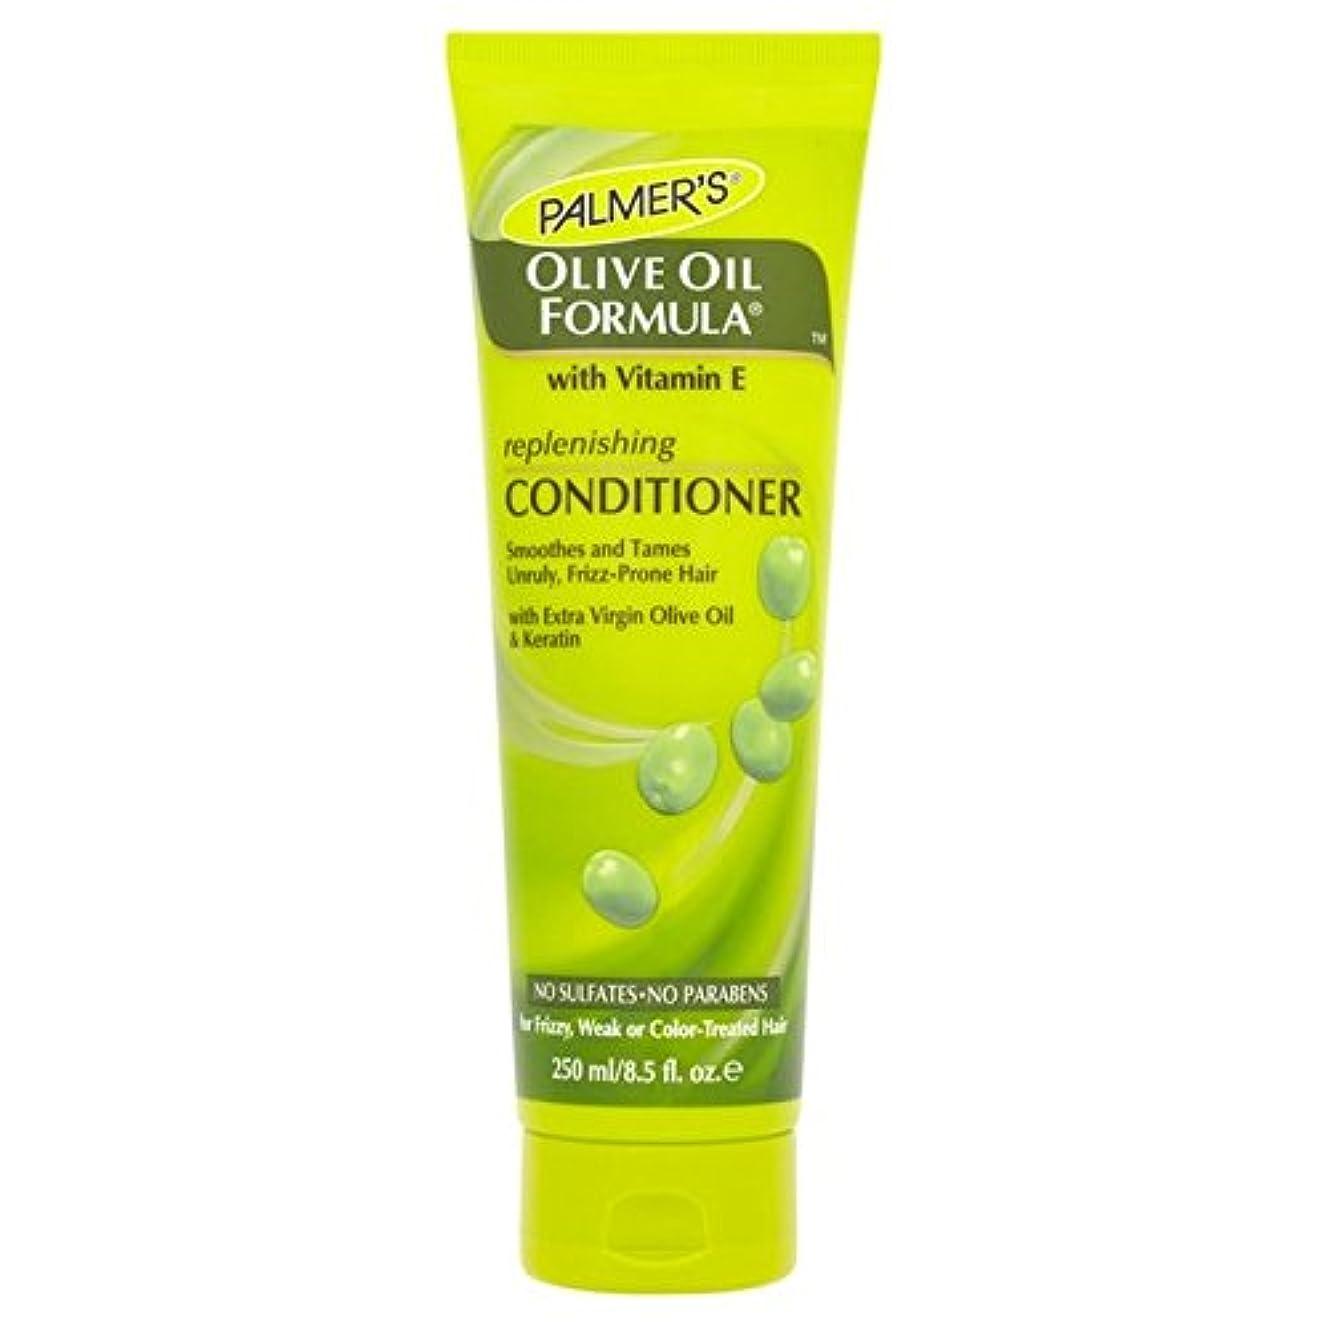 モールス信号潮直接パーマーのオリーブオイル式リストアコンディショナー250 x4 - Palmer's Olive Oil Formula Restoring Conditioner 250ml (Pack of 4) [並行輸入品]